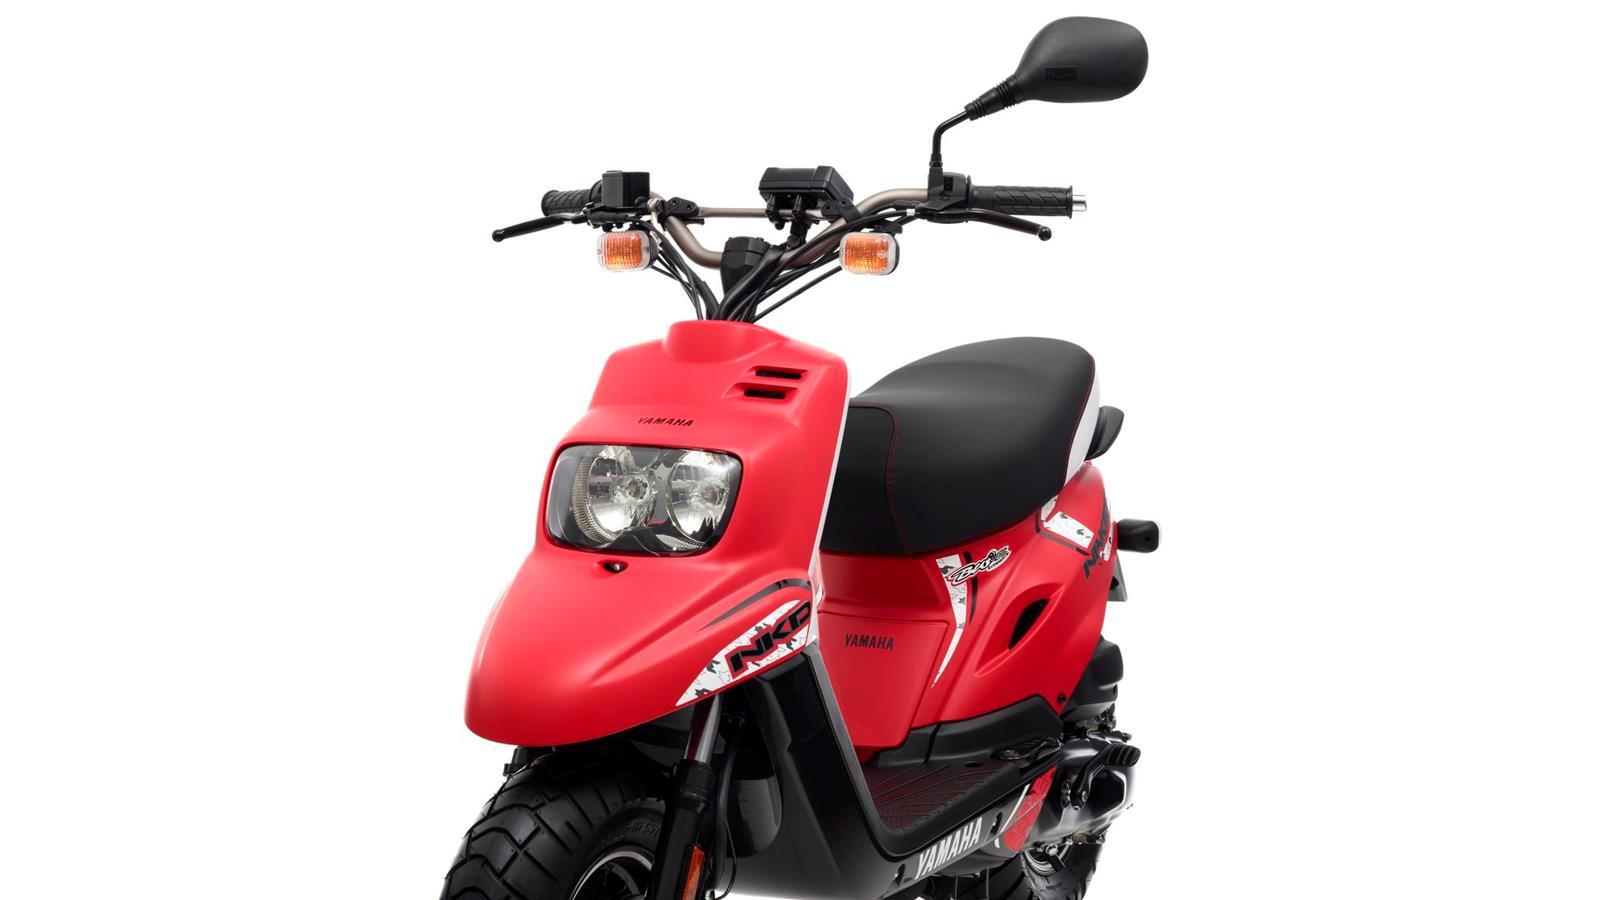 Мотоцикл Yamaha Aerox R Naked 50 2013 характеристики